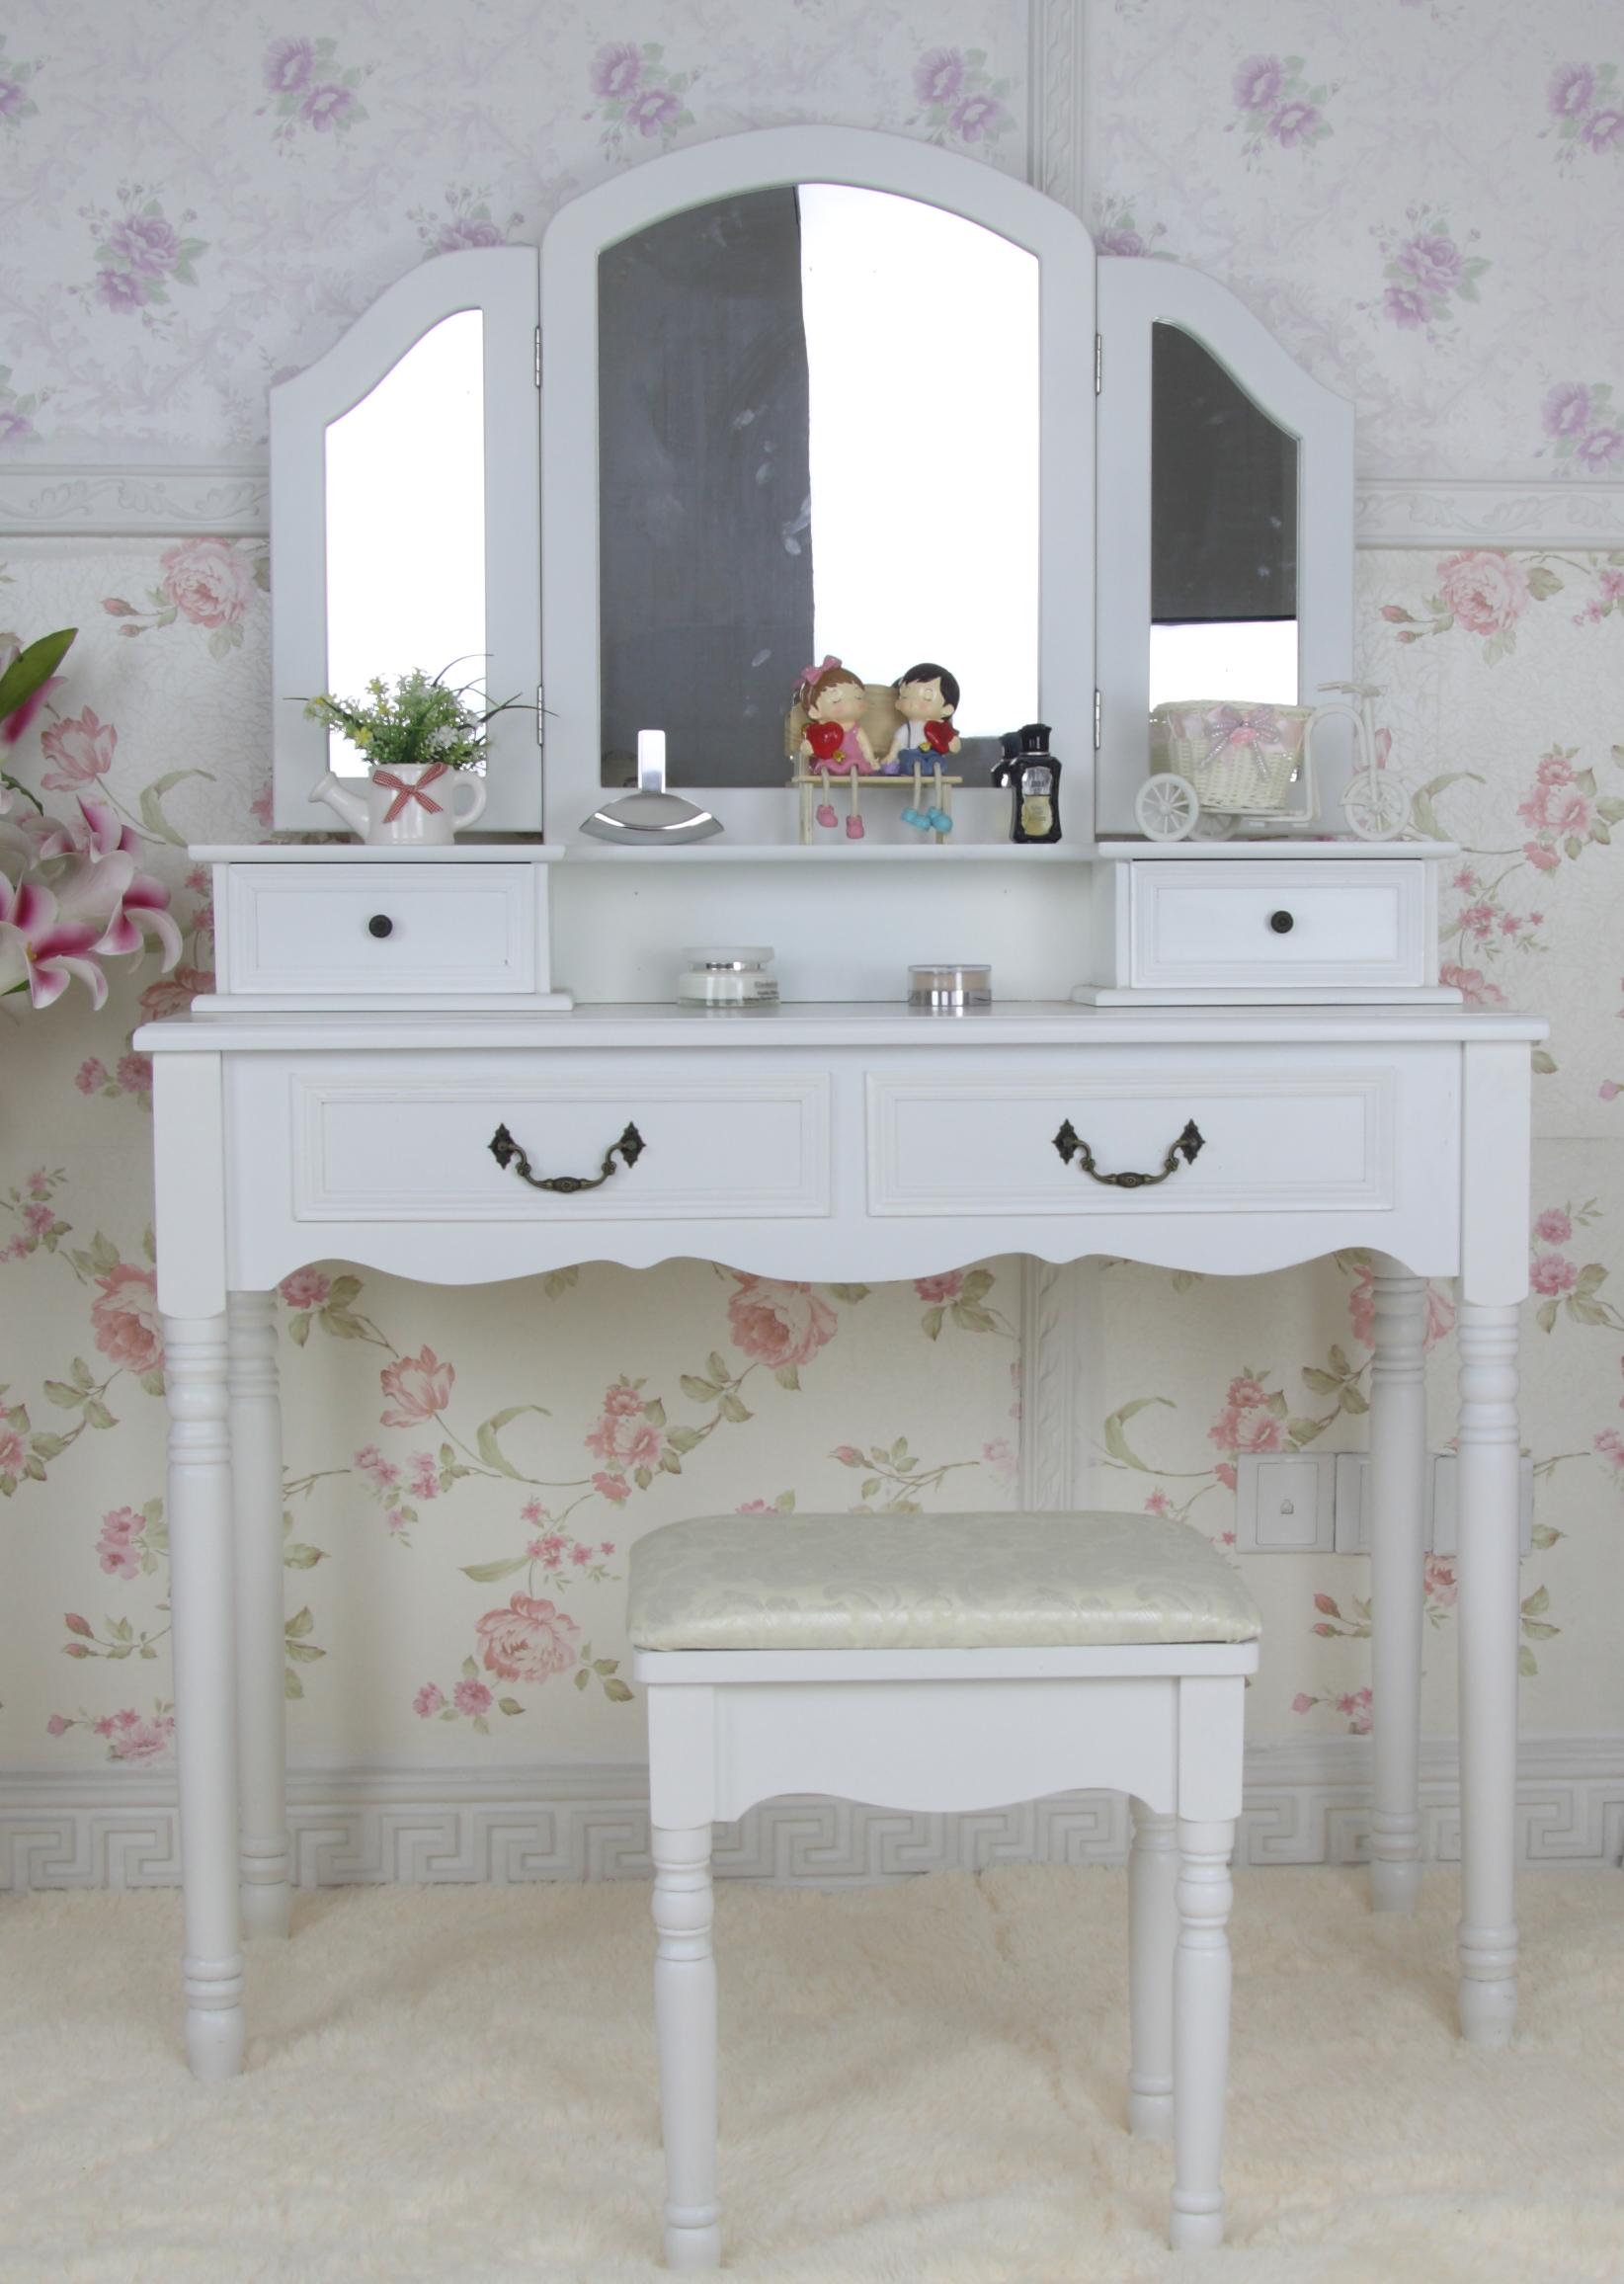 schminktisch inkl hocker frisierkommode frisiertisch spiegel kosmetiktisch 1a ebay. Black Bedroom Furniture Sets. Home Design Ideas